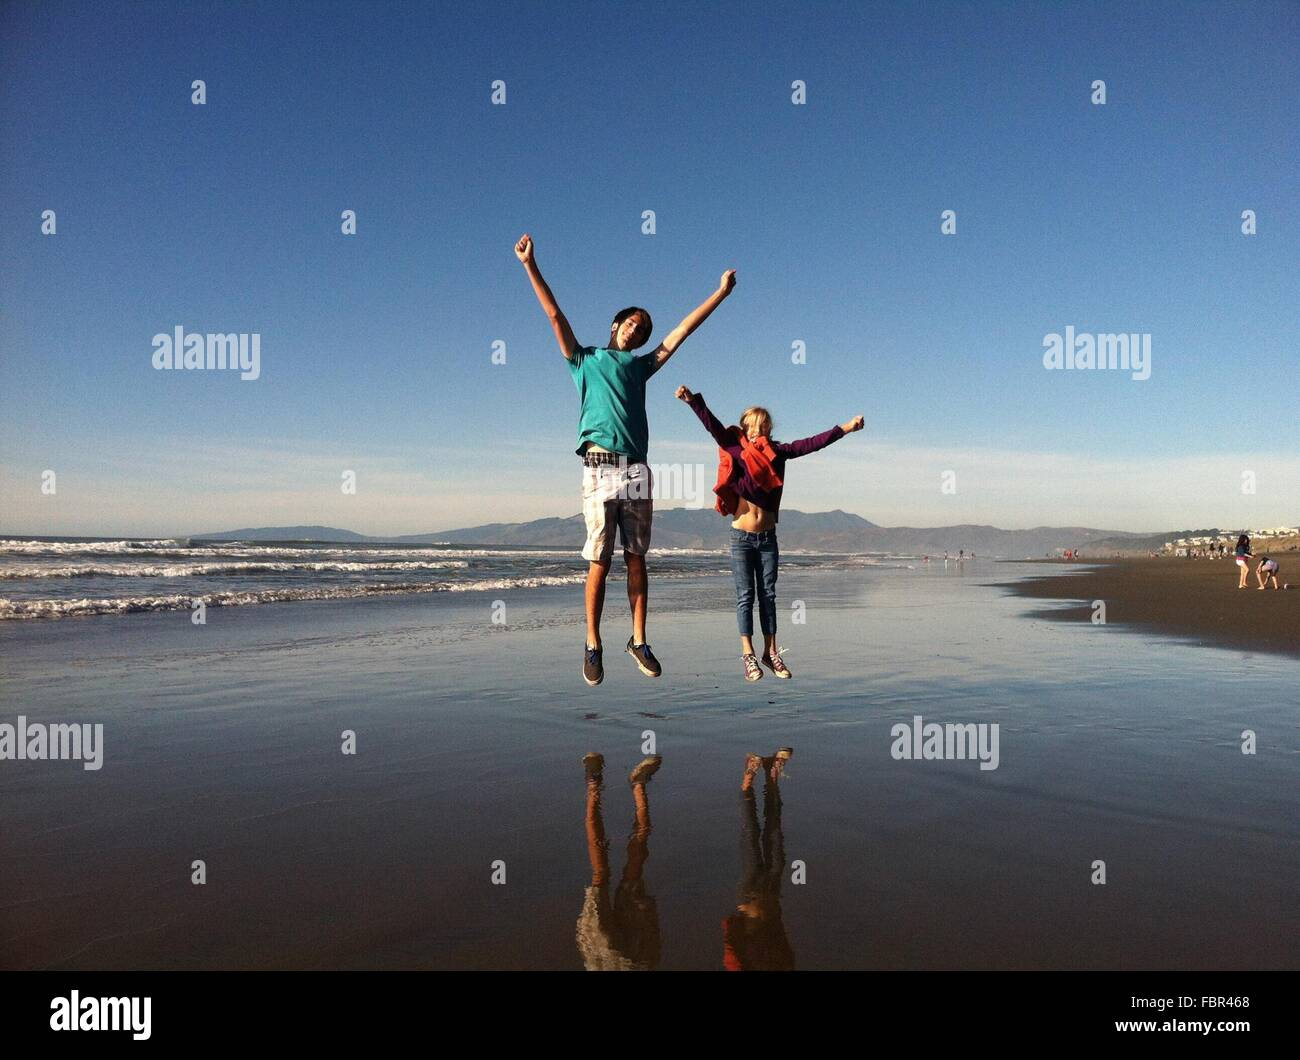 Toute la longueur de Frère et Sœur Jumping At Beach Photo Stock